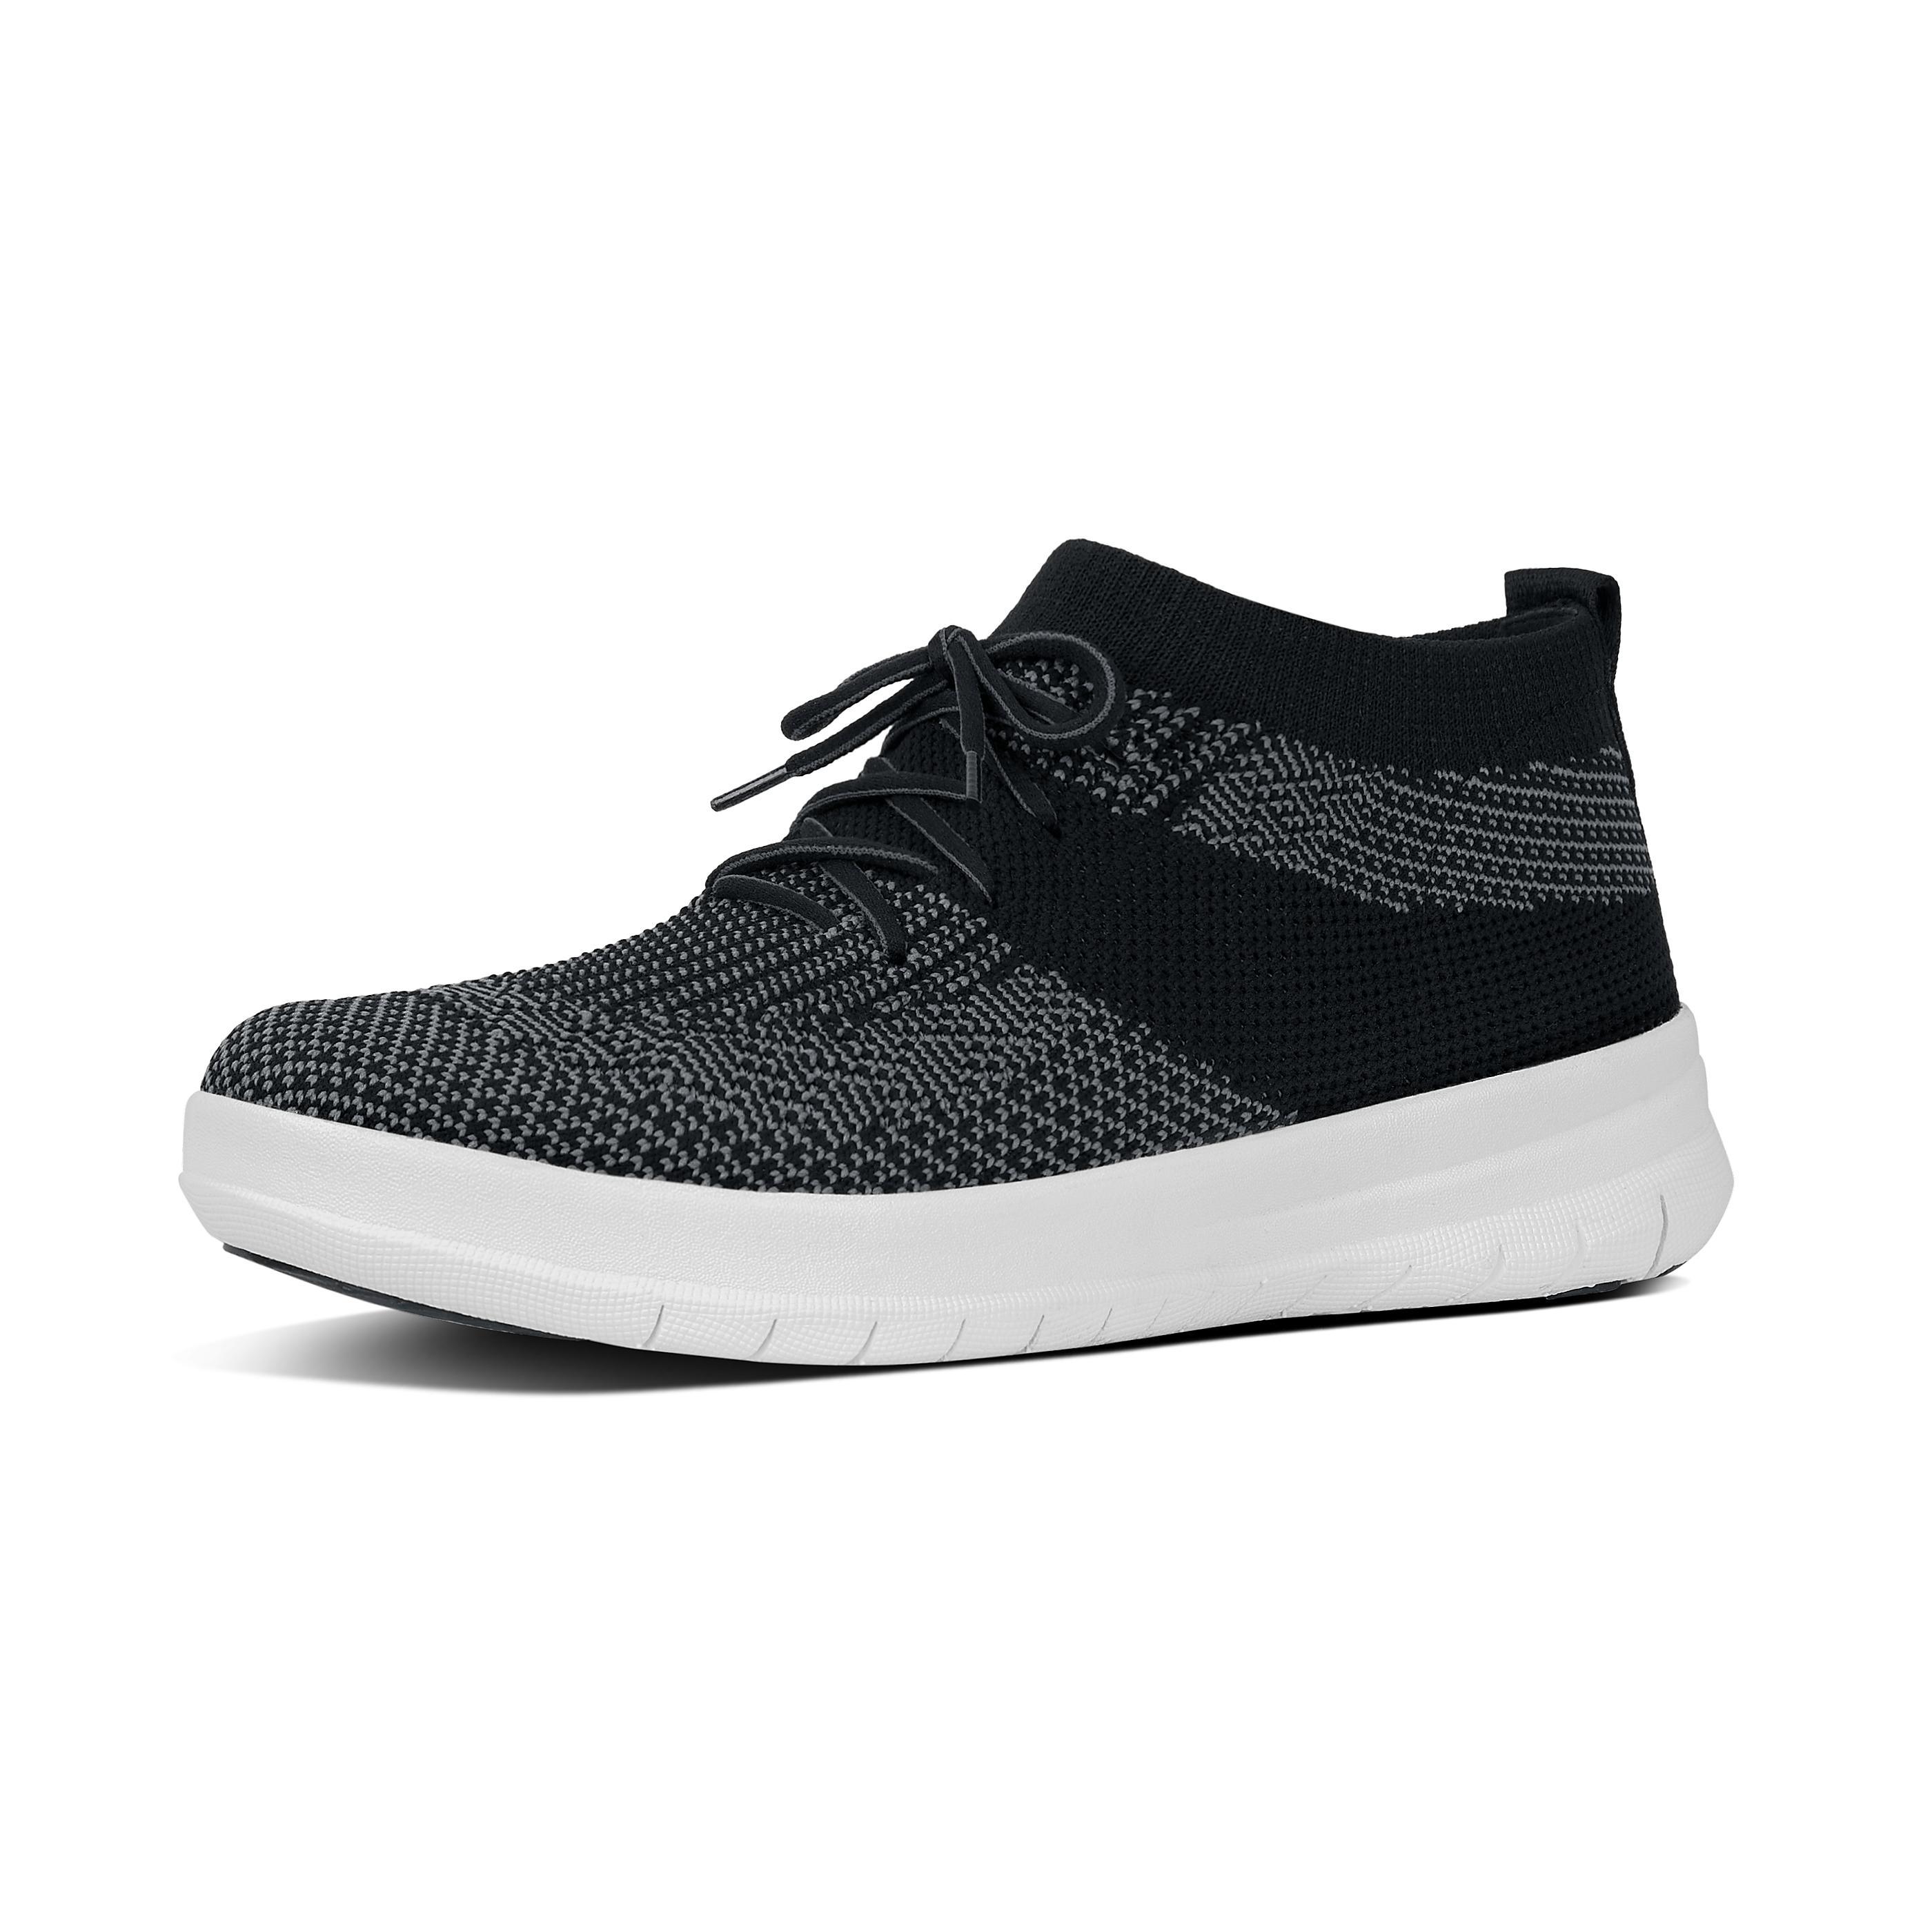 Uberknit slip on high top sneaker black charcoal e91 461?v=7